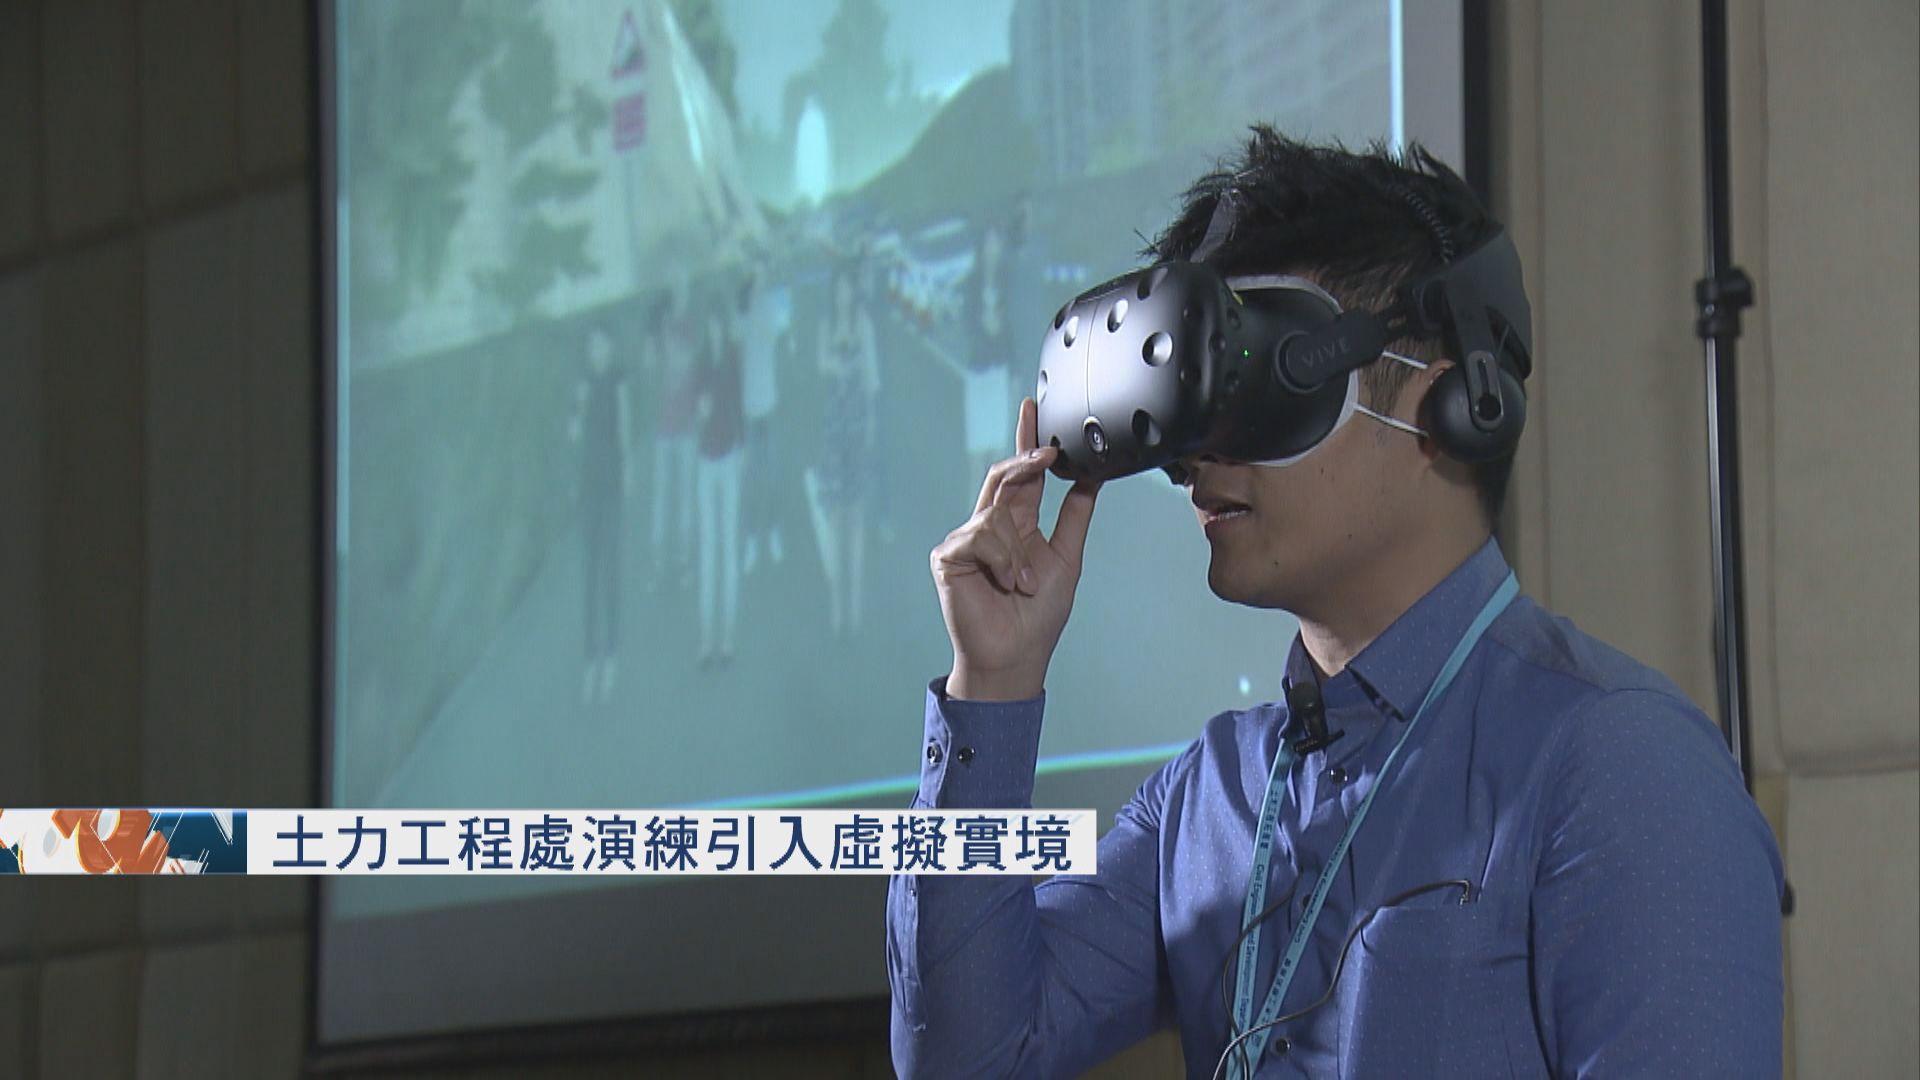 土力工程處演練引入虛擬實境